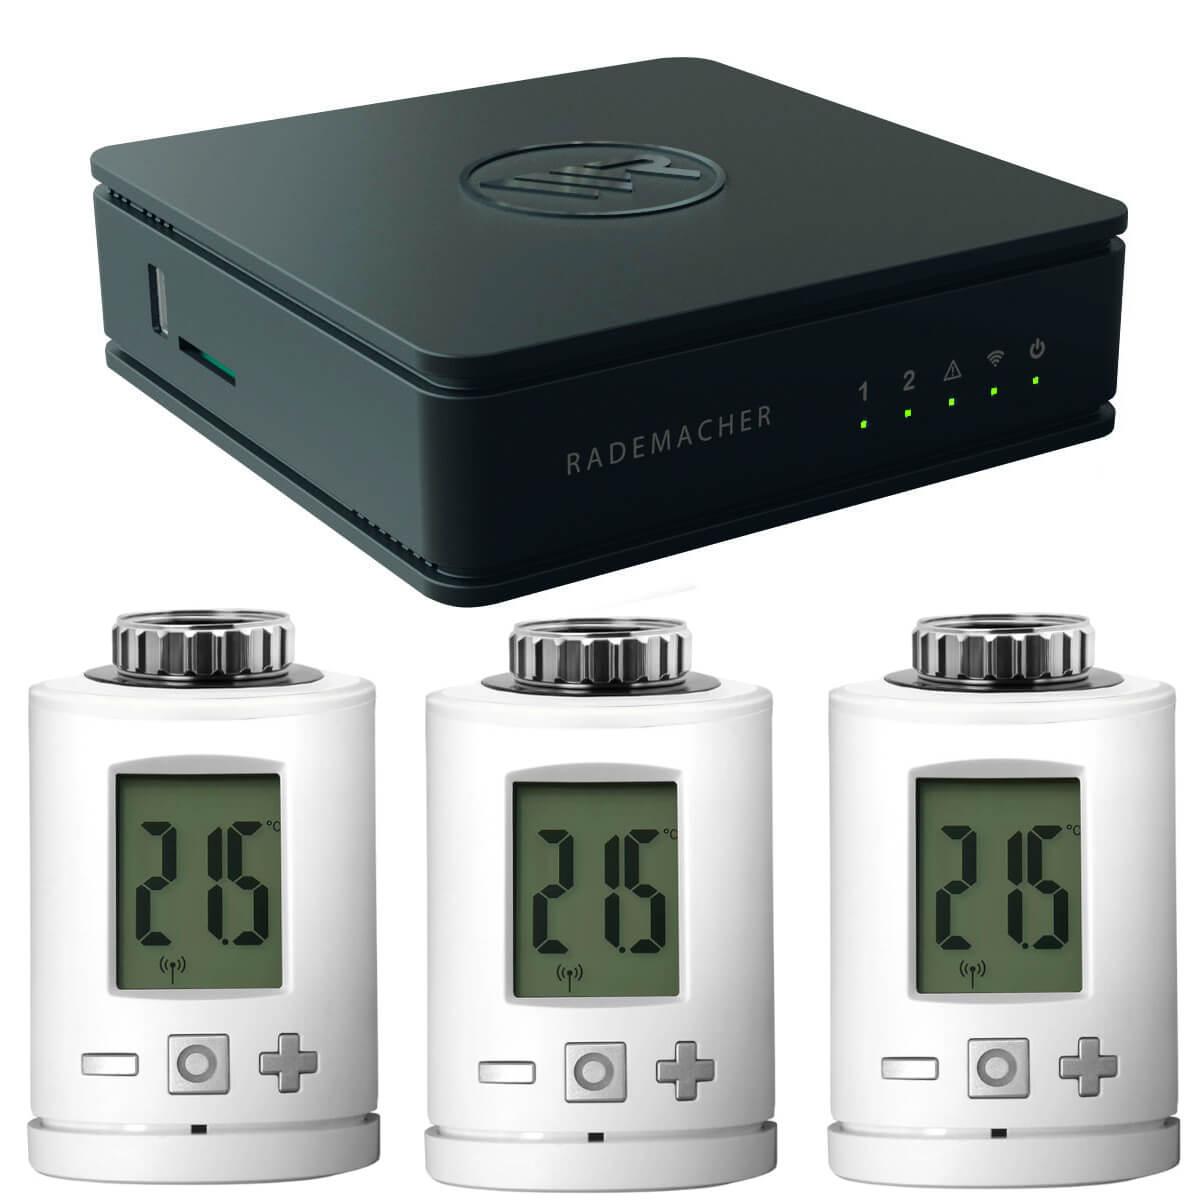 Rademacher HomePilot 2 Zentrale Smart Home DuoFern + 3x DuoFern Funk-Heizkörperthermostat Stellantrieb